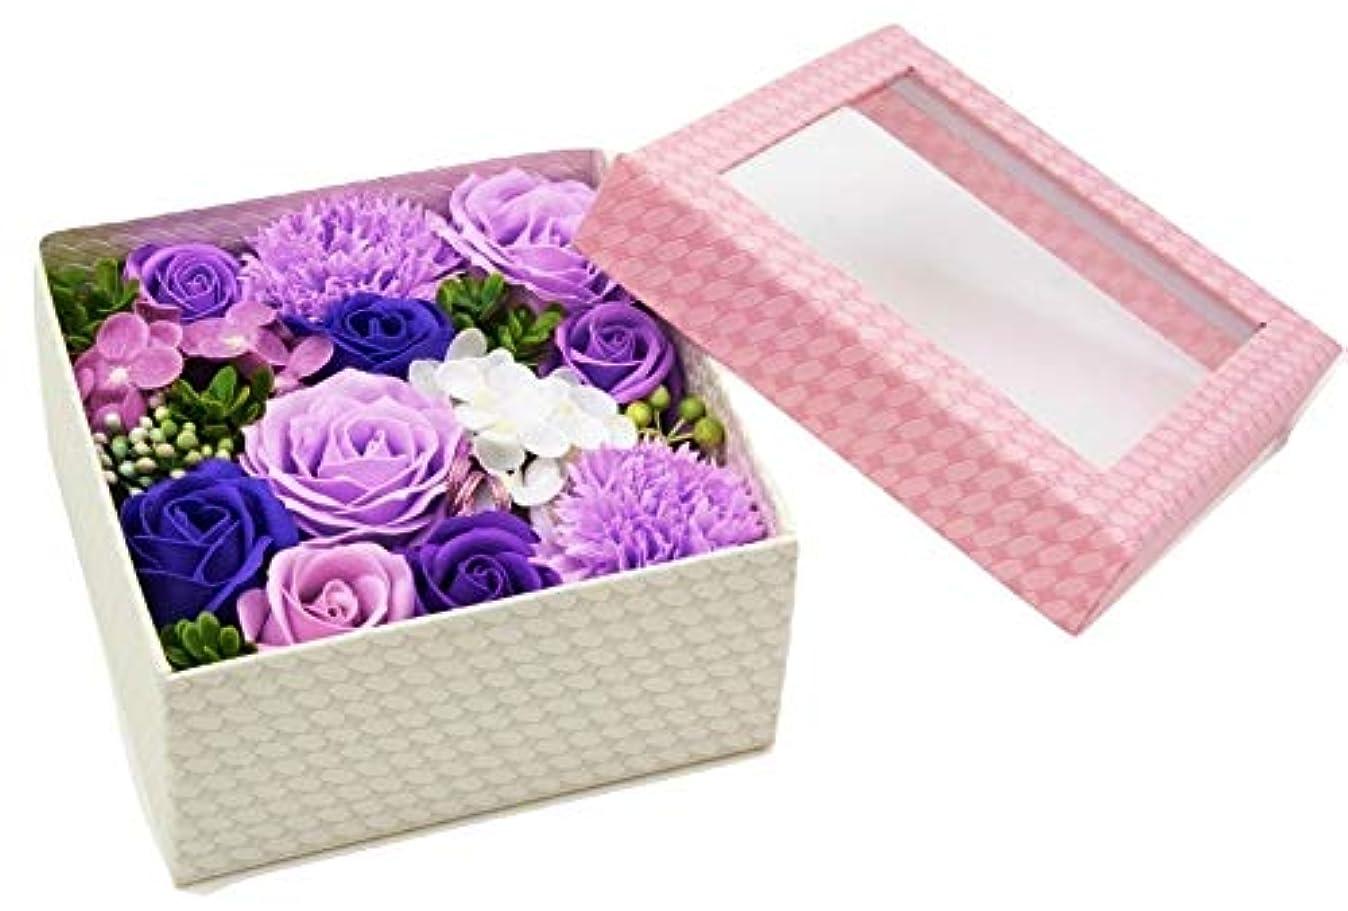 パン絵厳しいハーモニーボックス ソープフラワー フラワーソープ バラ 花束 人気 プレゼント ギフト お祝い 誕生日 女性 母の日 父の日 (パープル)